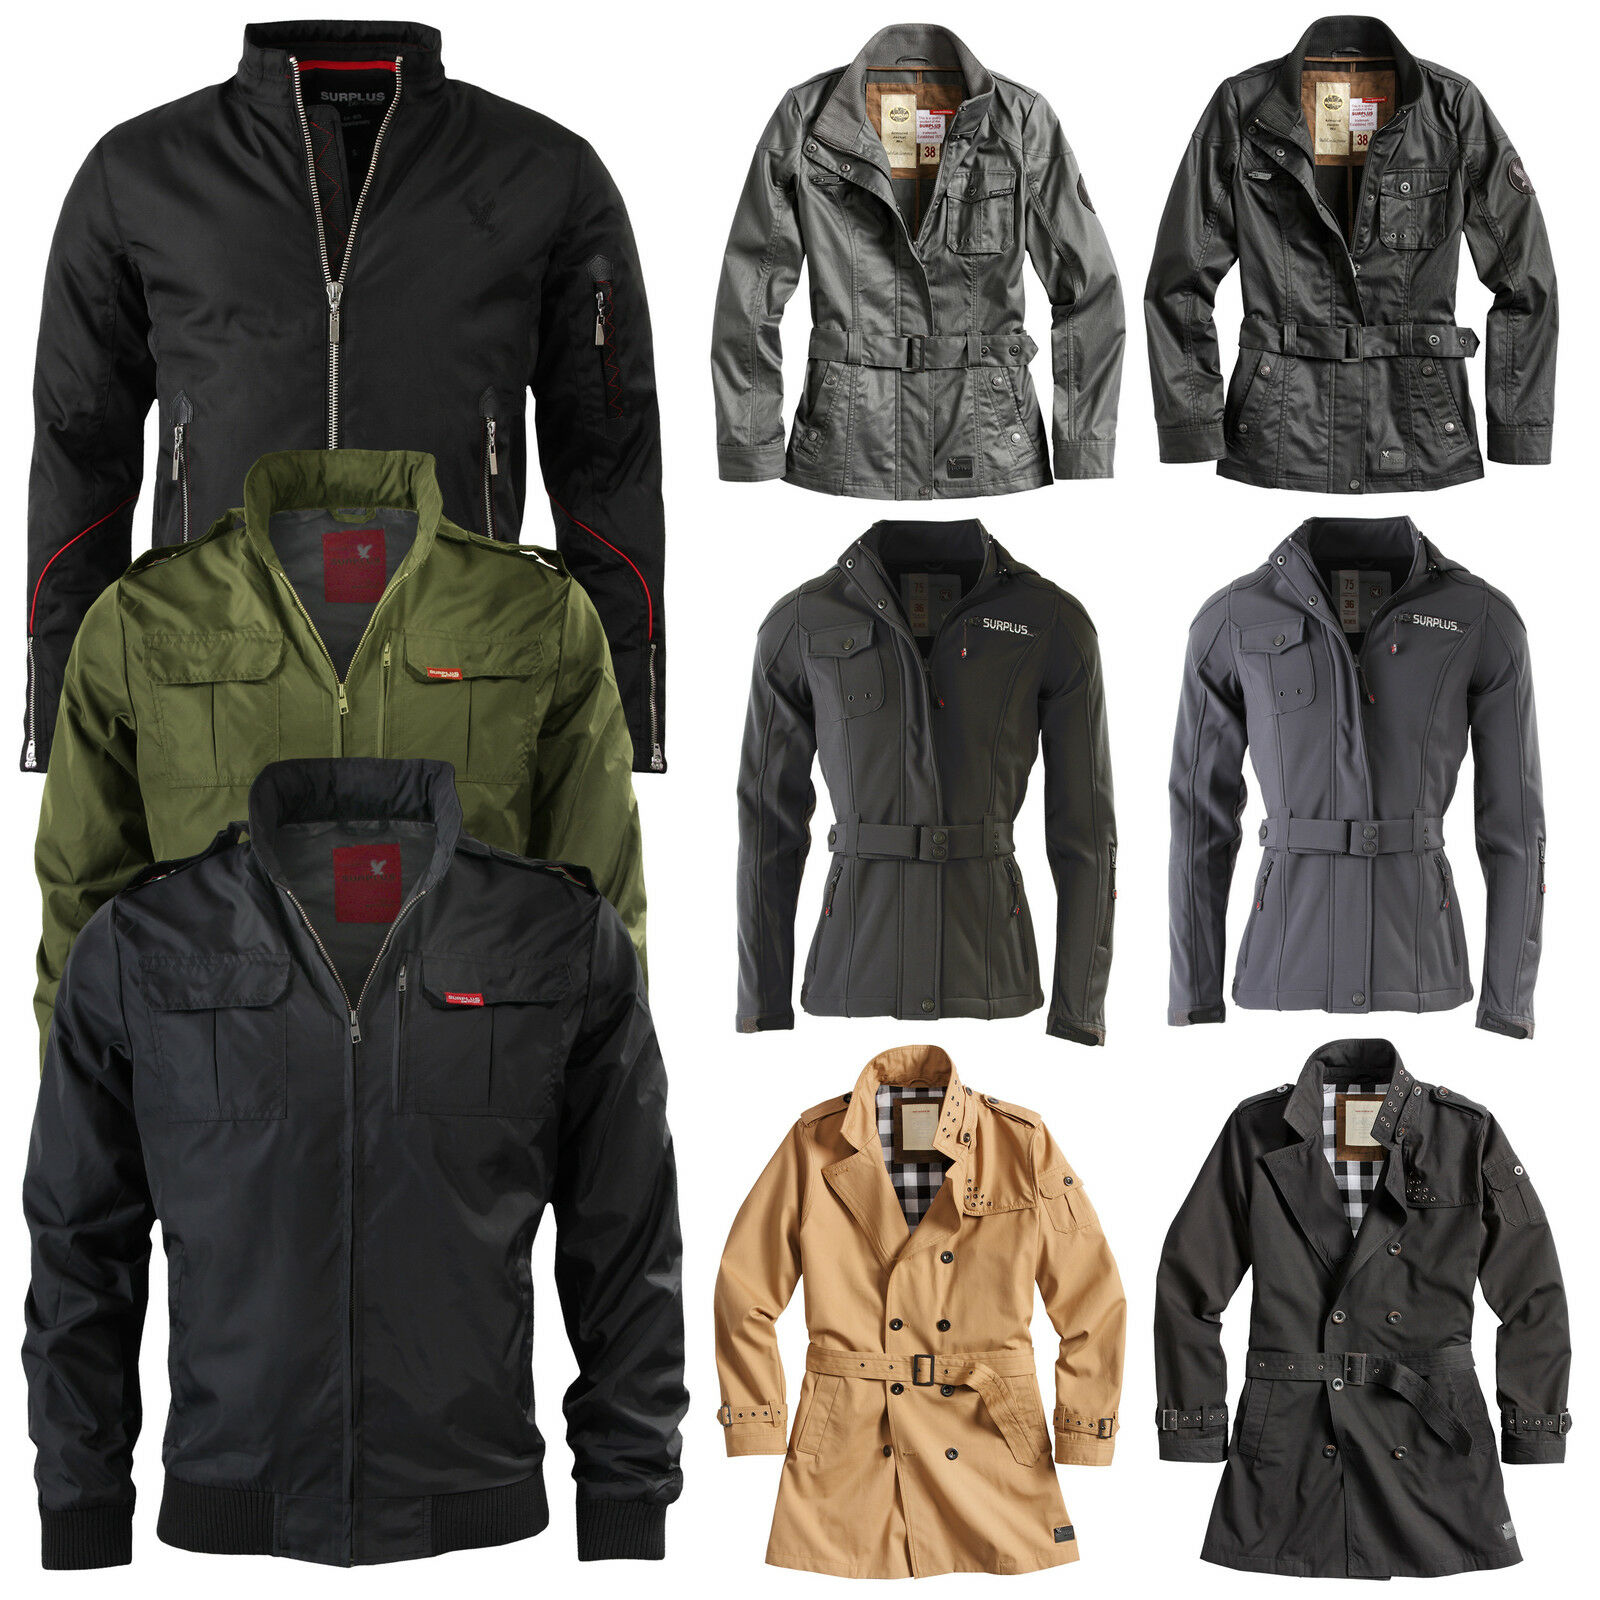 Surplus ™ RAW Vintage veste / trench-coat extérieur à fonction militaire